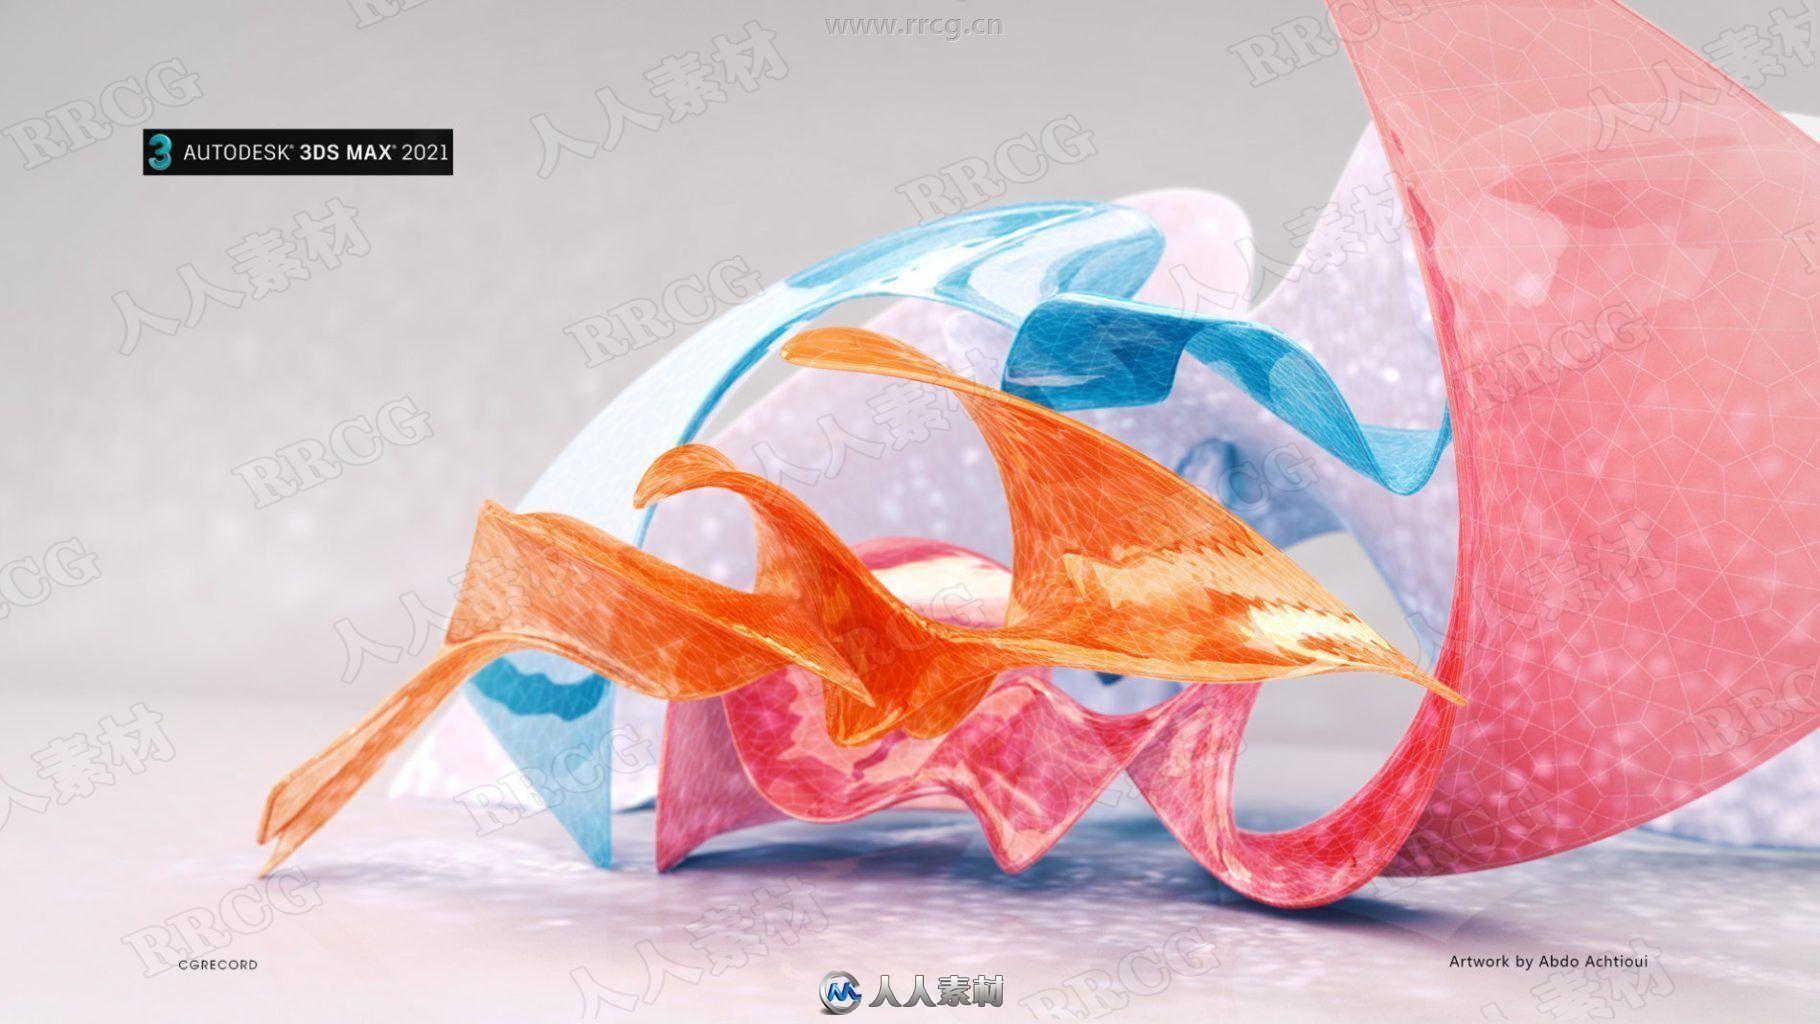 Autodesk 3dsMax三维软件V2021.3升级版